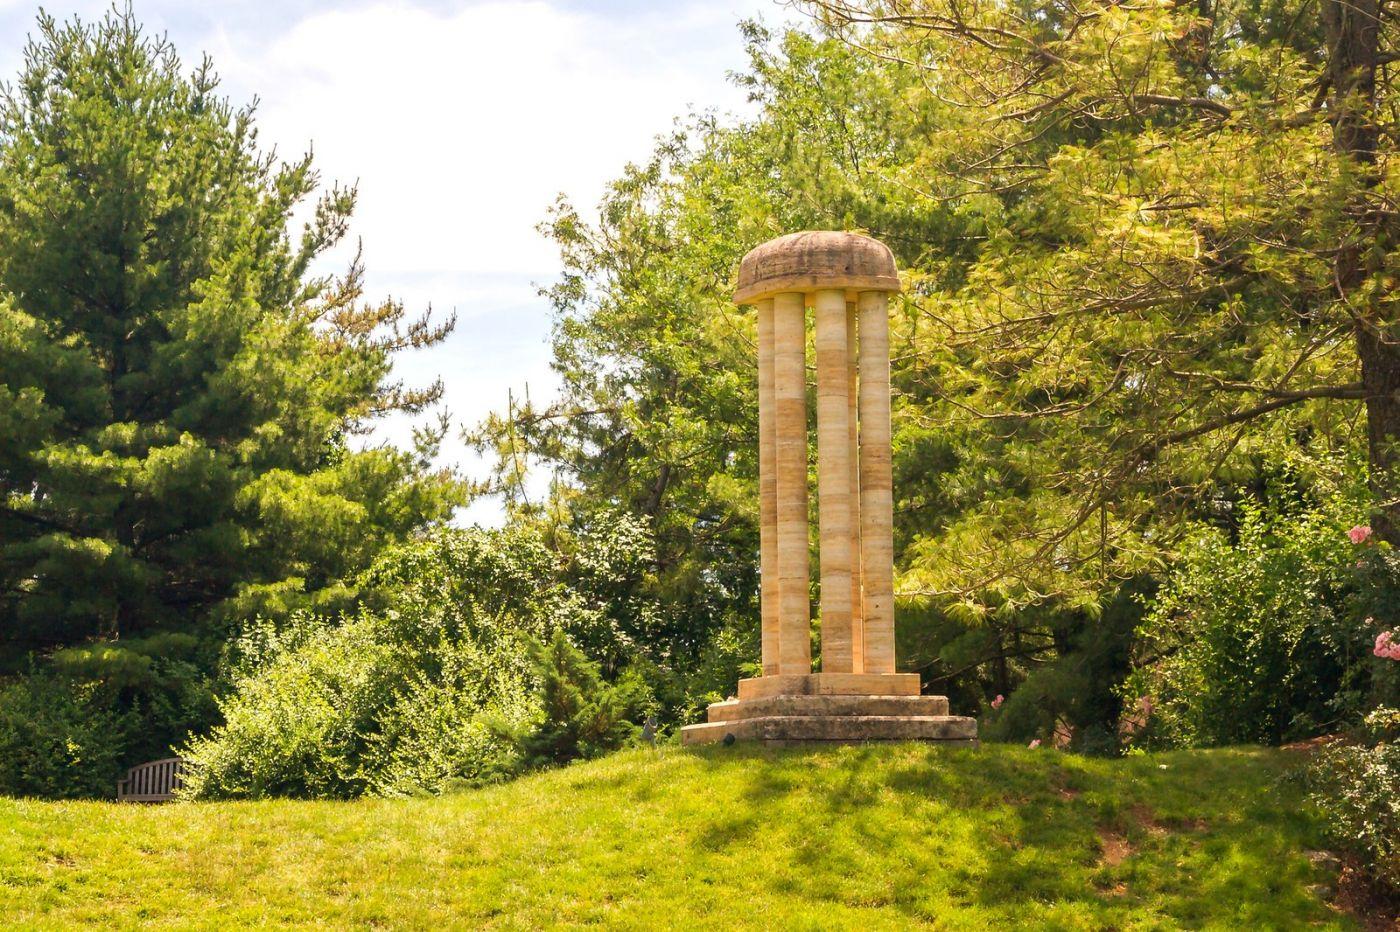 新泽西州雕塑公园(Grounds for scuplture),题材很广_图1-8